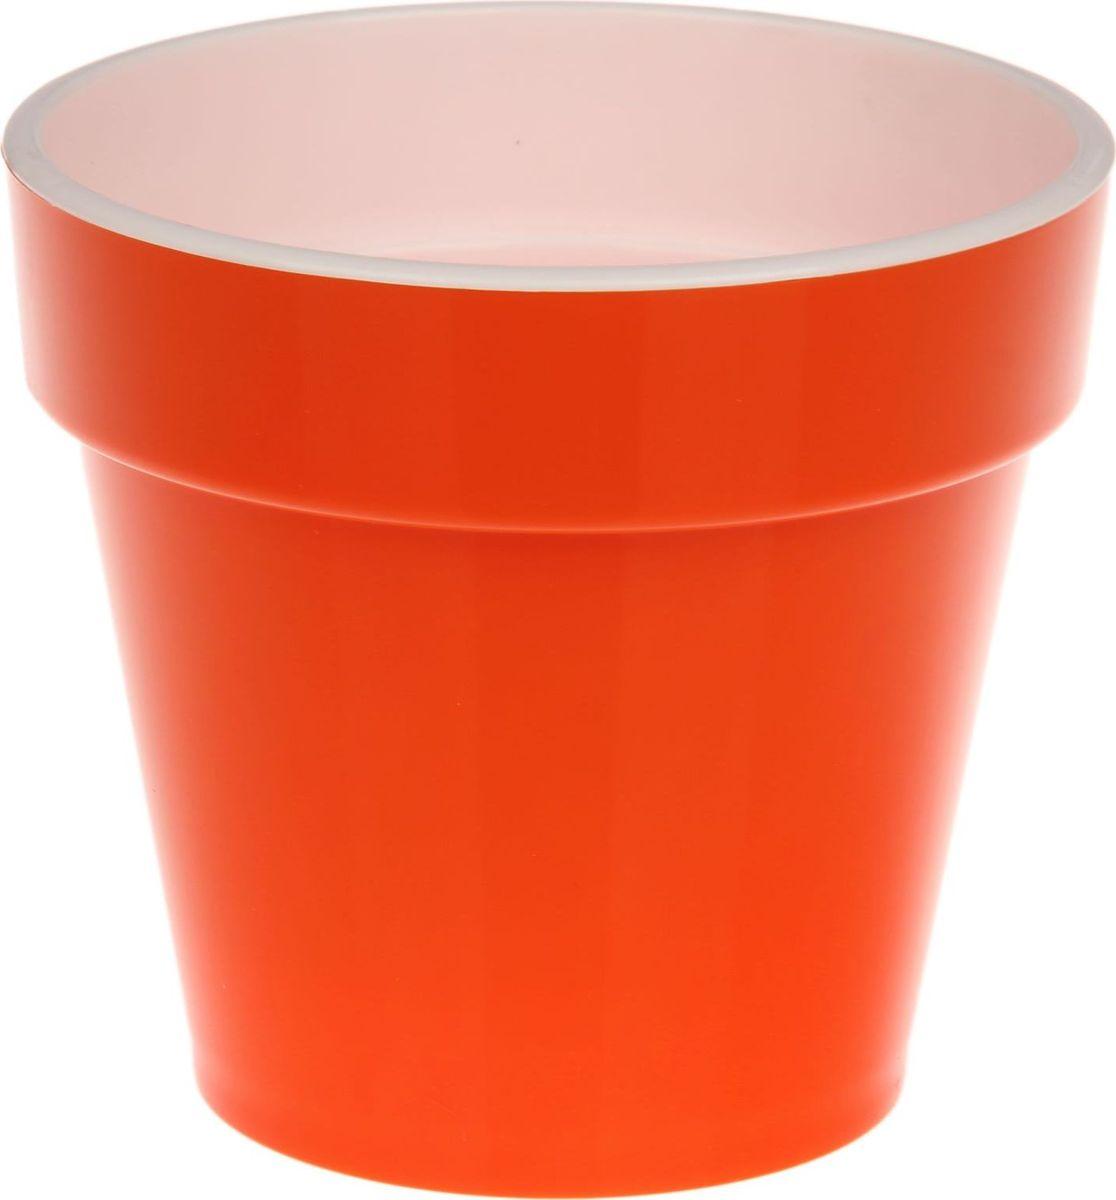 Кашпо JetPlast Порто, со вставкой, цвет: оранжевый, 6 л4612754052974Любой, даже самый современный и продуманный интерьер будет незавершённым без растений. Они не только очищают воздух и насыщают его кислородом, но и украшают окружающее пространство. Такому полезному члену семьи просто необходим красивый и функциональный дом! Мы предлагаем #name#! Оптимальный выбор материала — пластмасса! Почему мы так считаем?Малый вес. С лёгкостью переносите горшки и кашпо с места на место, ставьте их на столики или полки, не беспокоясь о нагрузке. Простота ухода. Кашпо не нуждается в специальных условиях хранения. Его легко чистить — достаточно просто сполоснуть тёплой водой. Никаких потёртостей. Такие кашпо не царапают и не загрязняют поверхности, на которых стоят. Пластик дольше хранит влагу, а значит, растение реже нуждается в поливе. Пластмасса не пропускает воздух — корневой системе растения не грозят резкие перепады температур. Огромный выбор форм, декора и расцветок — вы без труда найдёте что-то, что идеально впишется в уже существующий интерьер. Соблюдая нехитрые правила ухода, вы можете заметно продлить срок службы горшков и кашпо из пластика:всегда учитывайте размер кроны и корневой системы (при разрастании большое растение способно повредить маленький горшок)берегите изделие от воздействия прямых солнечных лучей, чтобы горшки не выцветалидержите кашпо из пластика подальше от нагревающихся поверхностей. Создавайте прекрасные цветочные композиции, выращивайте рассаду или необычные растения.